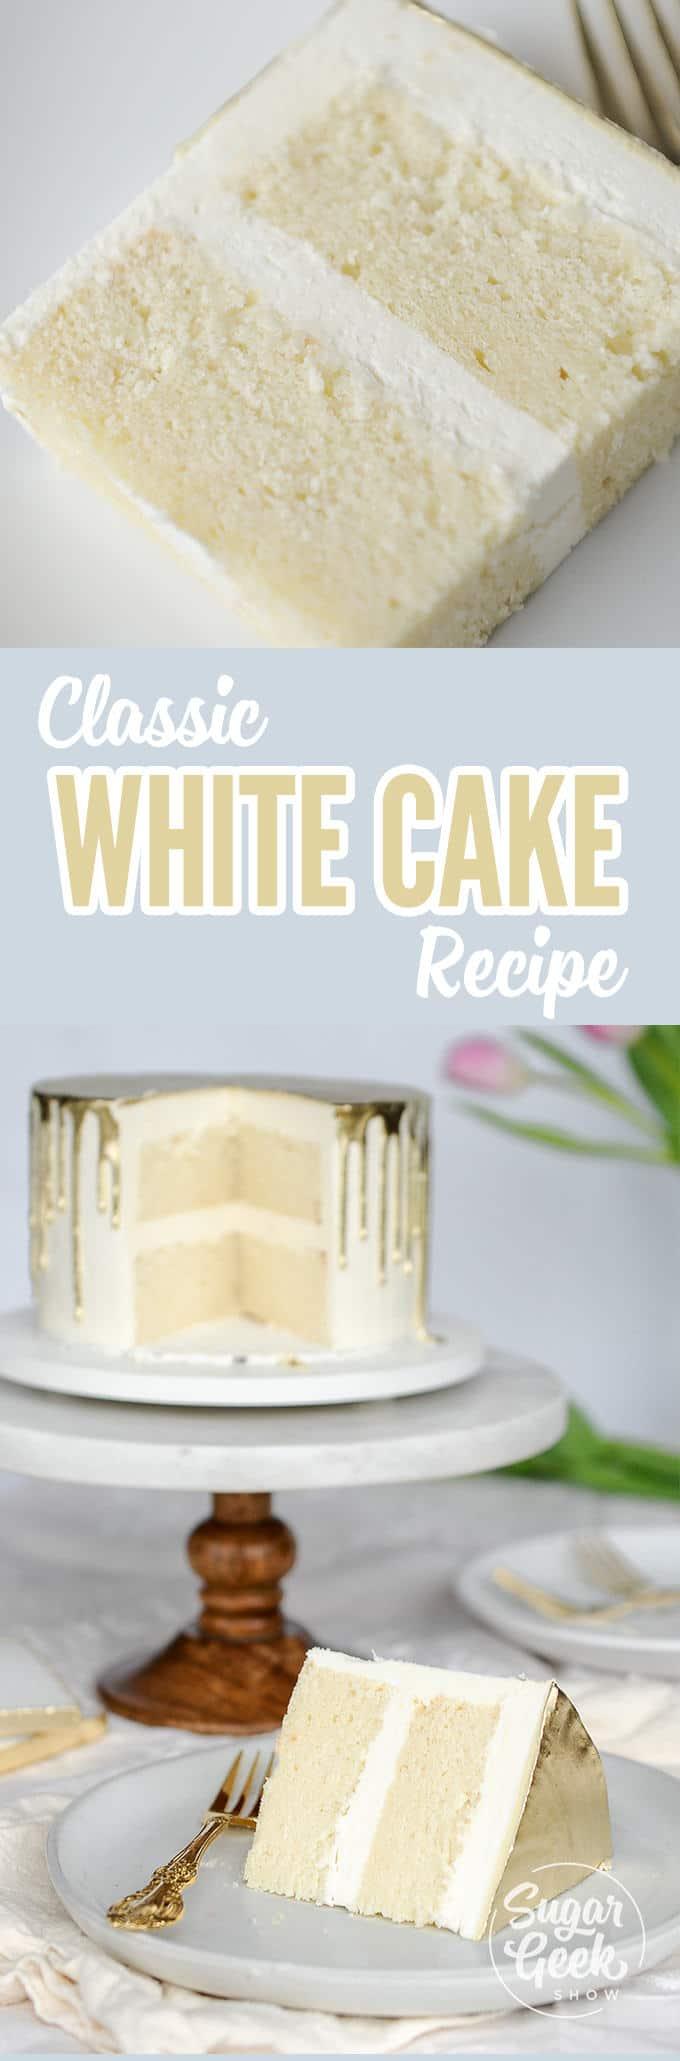 """La meilleure recette de gâteau blanc! Cela reçoit des critiques élogieuses de toutes mes mariées et est la seule recette de gâteau blanc dont vous aurez besoin. """"Width ="""" 680 """"height ="""" 2061 """"data-pin-description ="""" La meilleure recette de gâteau blanc! Cela reçoit des critiques élogieuses de toutes mes mariées et est la seule recette de gâteau blanc dont vous aurez jamais besoin """"srcset ="""" https://www.shop-ici-ailleurs.com/wp-content/uploads/2020/11/1604208561_64_Recette-de-gateau-blanc-a-partir-de-zero-doux-et.jpg 680w, https: / /sugargeekshow.com/wp-content/uploads/2018/03/classic_white_cake_recipe-211x640.jpg 211w, https://sugargeekshow.com/wp-content/uploads/2018/03/classic_white_cake_recipe-264x800.jpg 264w, https: / /sugargeekshow.com/wp-content/uploads/2018/03/classic_white_cake_recipe-185x561.jpg 185w """"tailles ="""" (largeur maximale: 680px) 100vw, 680px"""